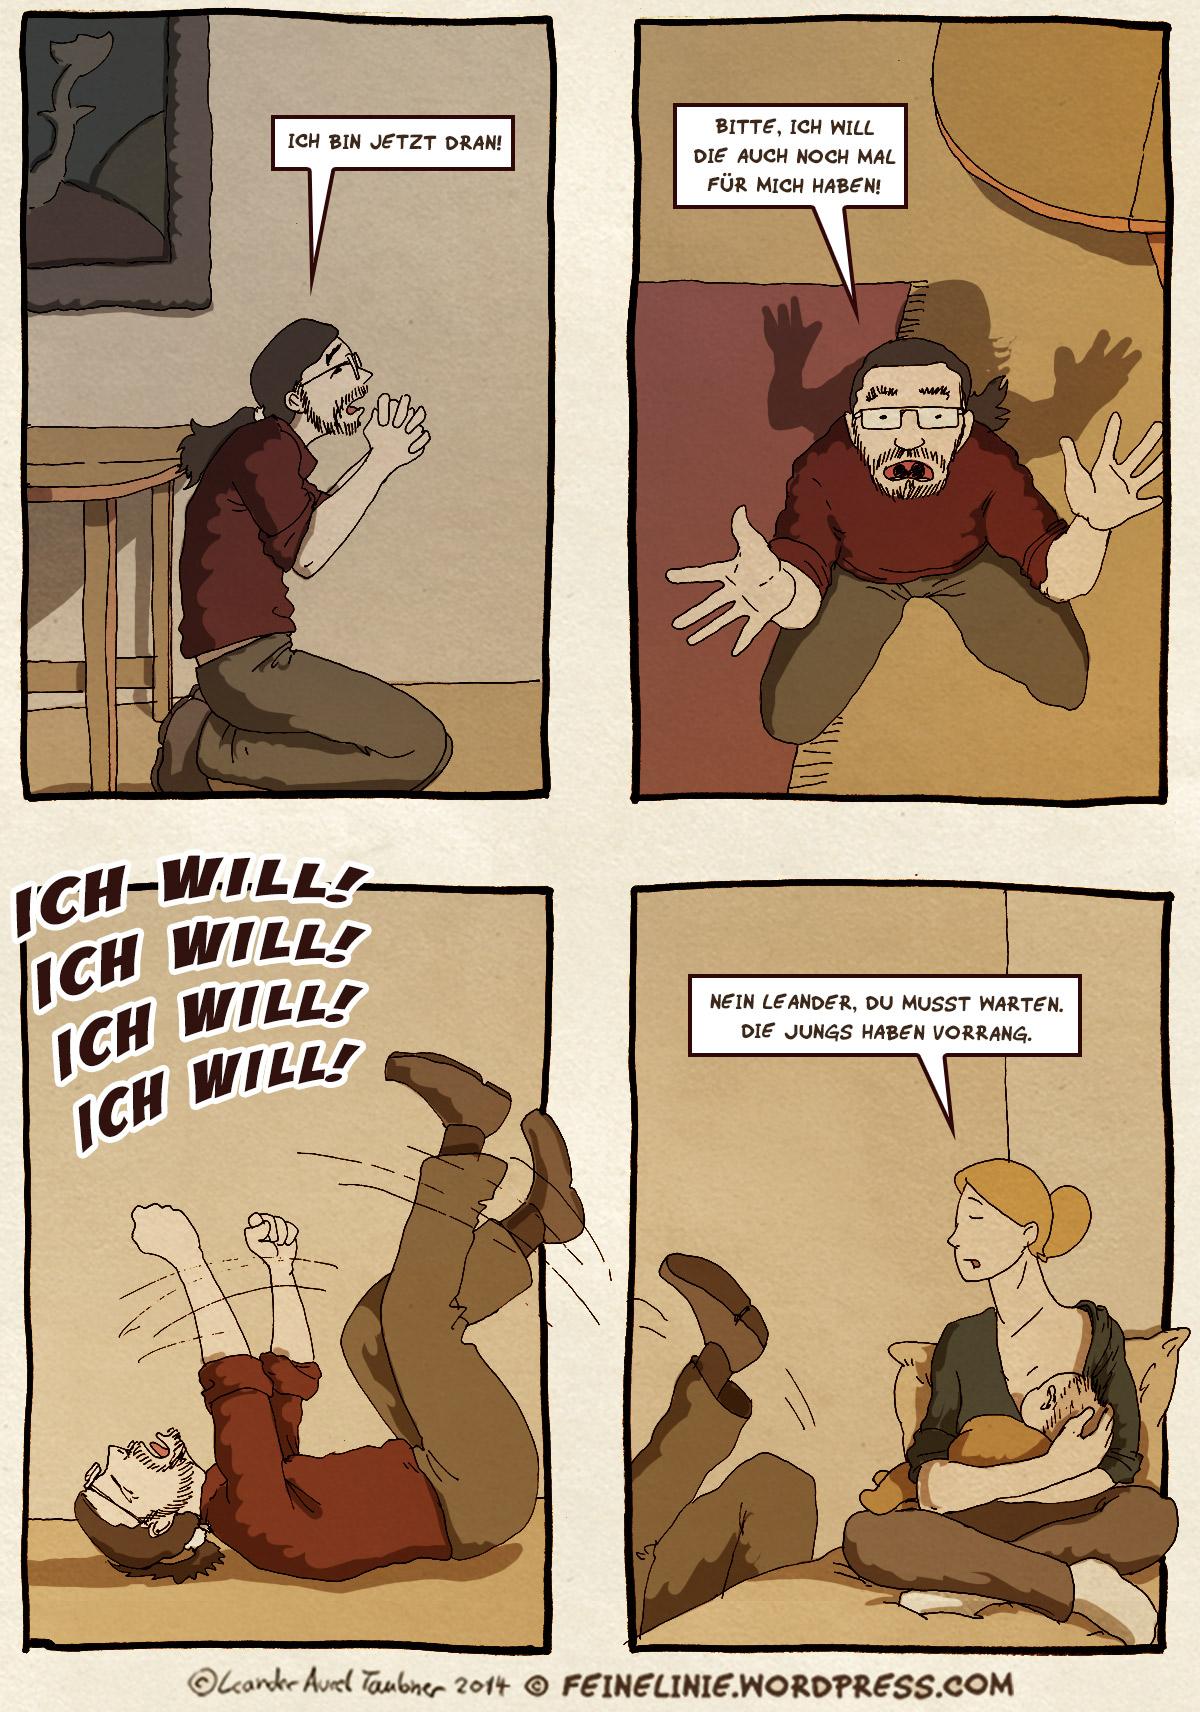 283_IchWillIchWillIchWIll